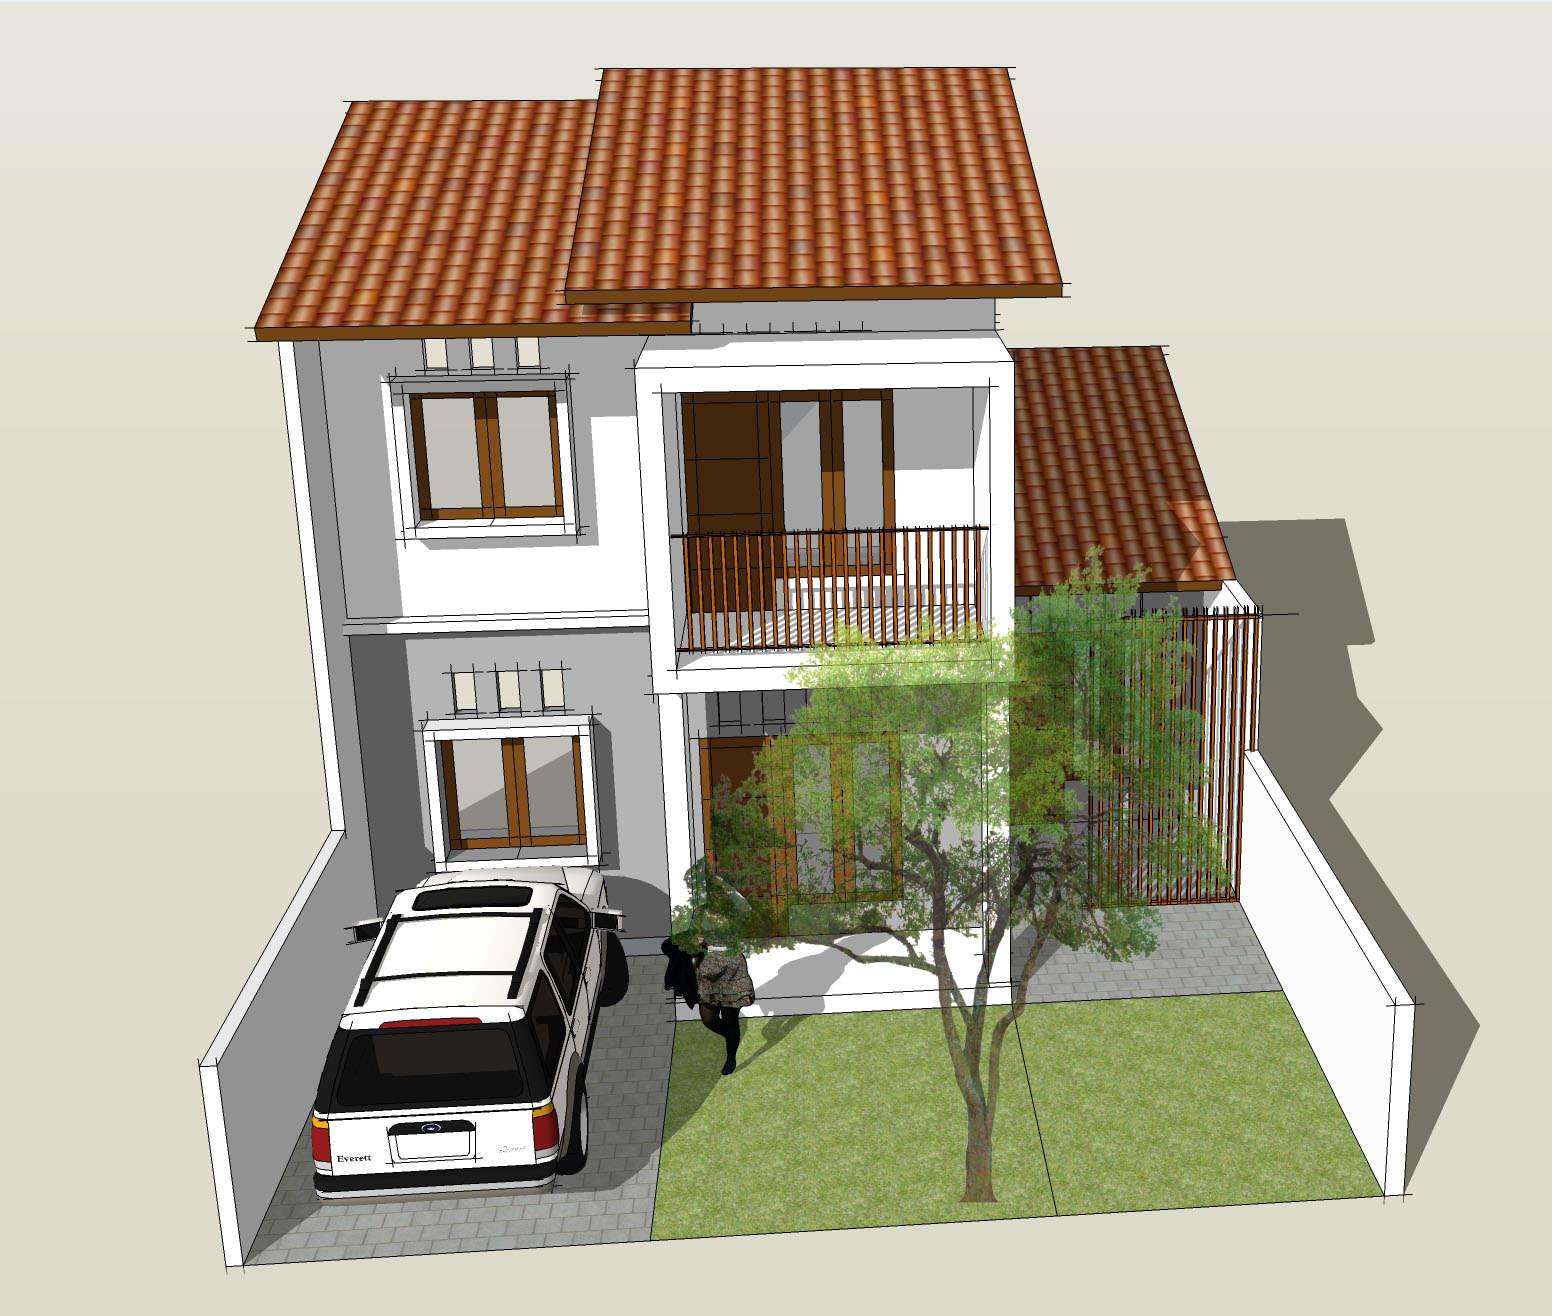 Contoh Desain Rumah Minimalis Sederhana Tingkat